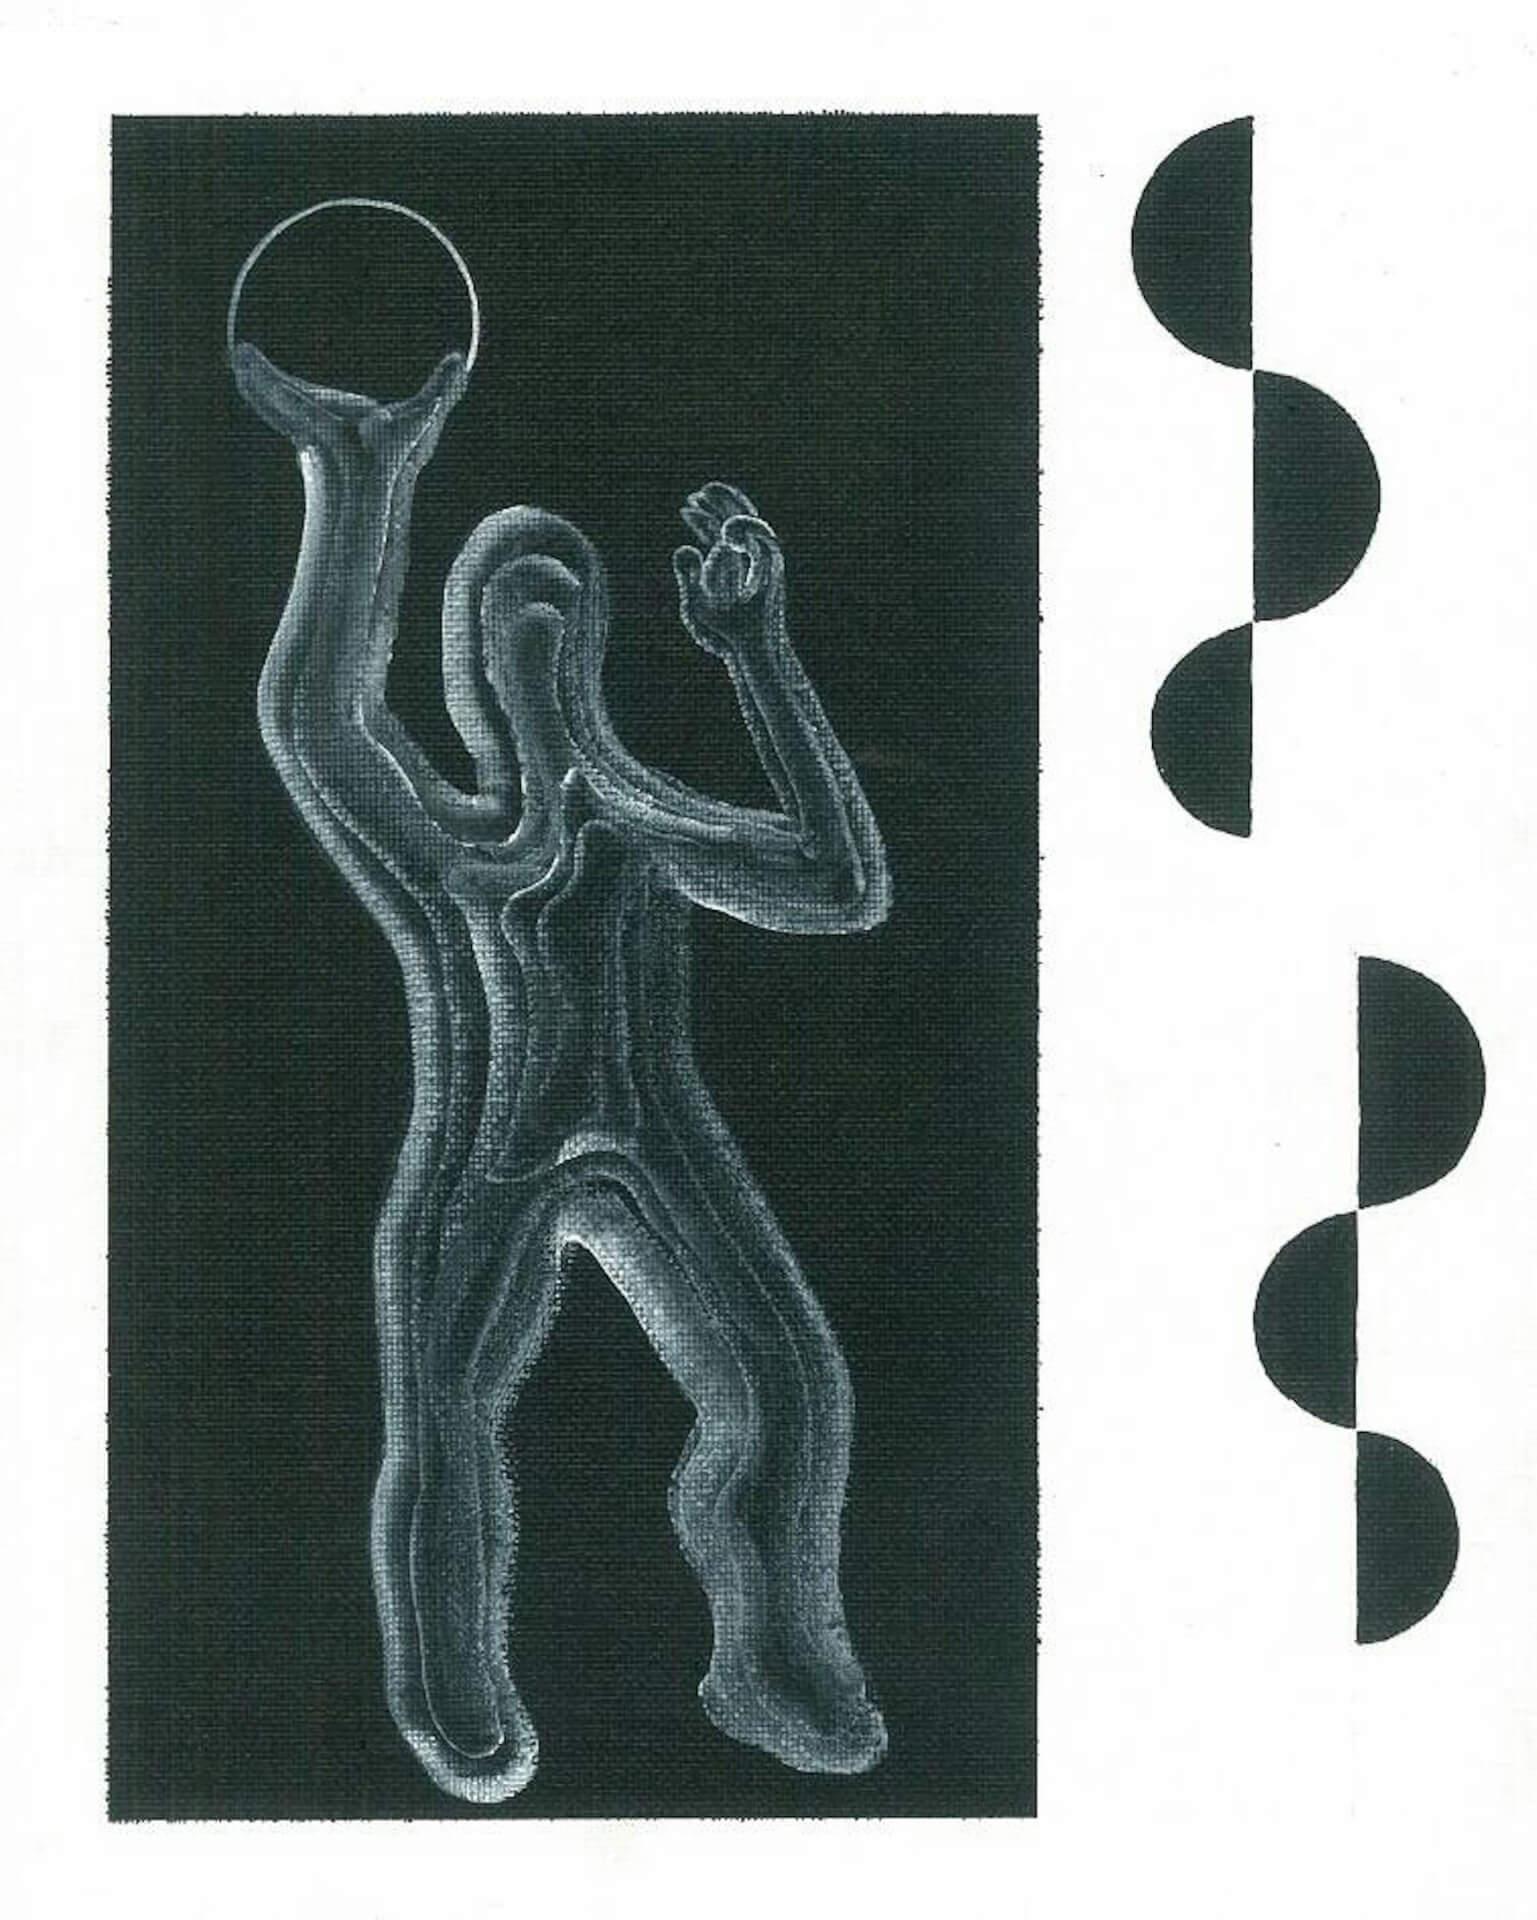 名古屋のVUGの個展<CLARK NOVA>が半蔵門ANAGRAにて開催|オープニングパーティーには田辺舞、IRONSTONEらが登場 music190904-vug-anagra-4